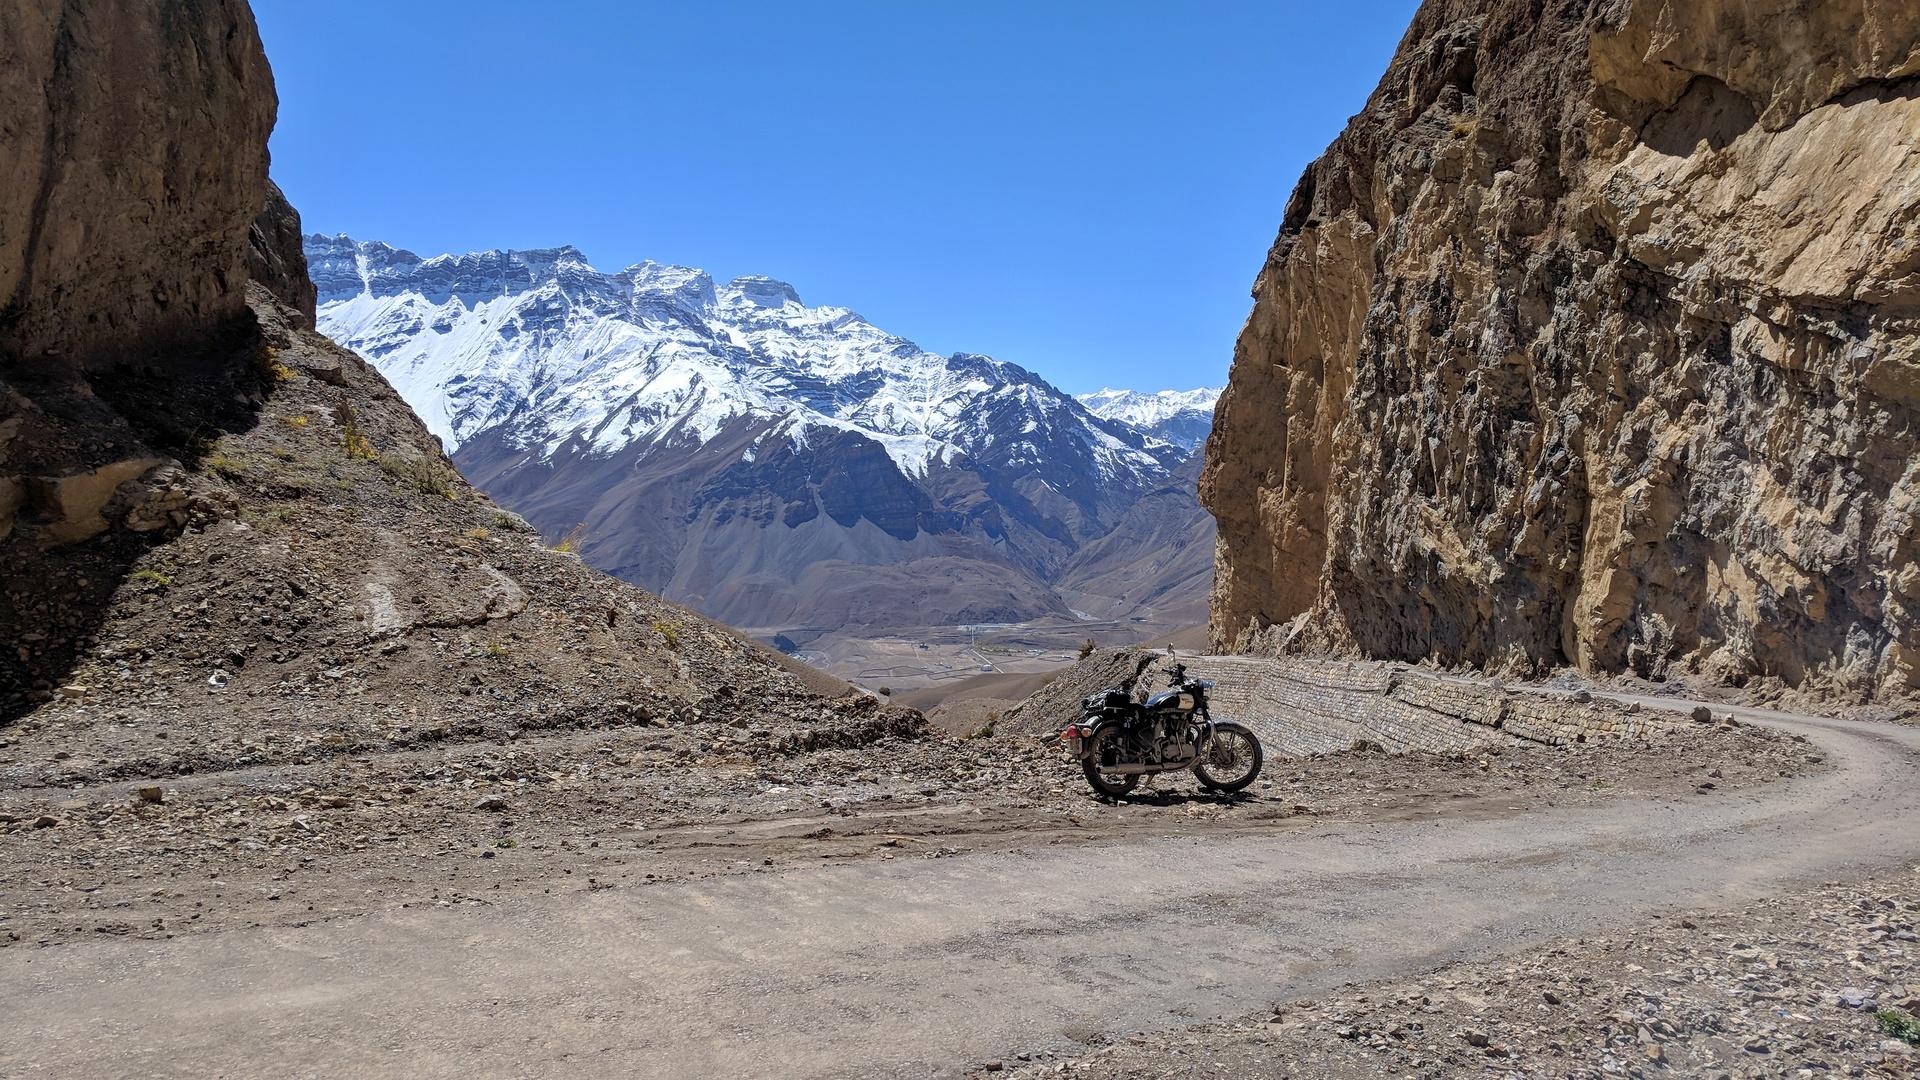 Motorcycle taking a break in Spiti Valley